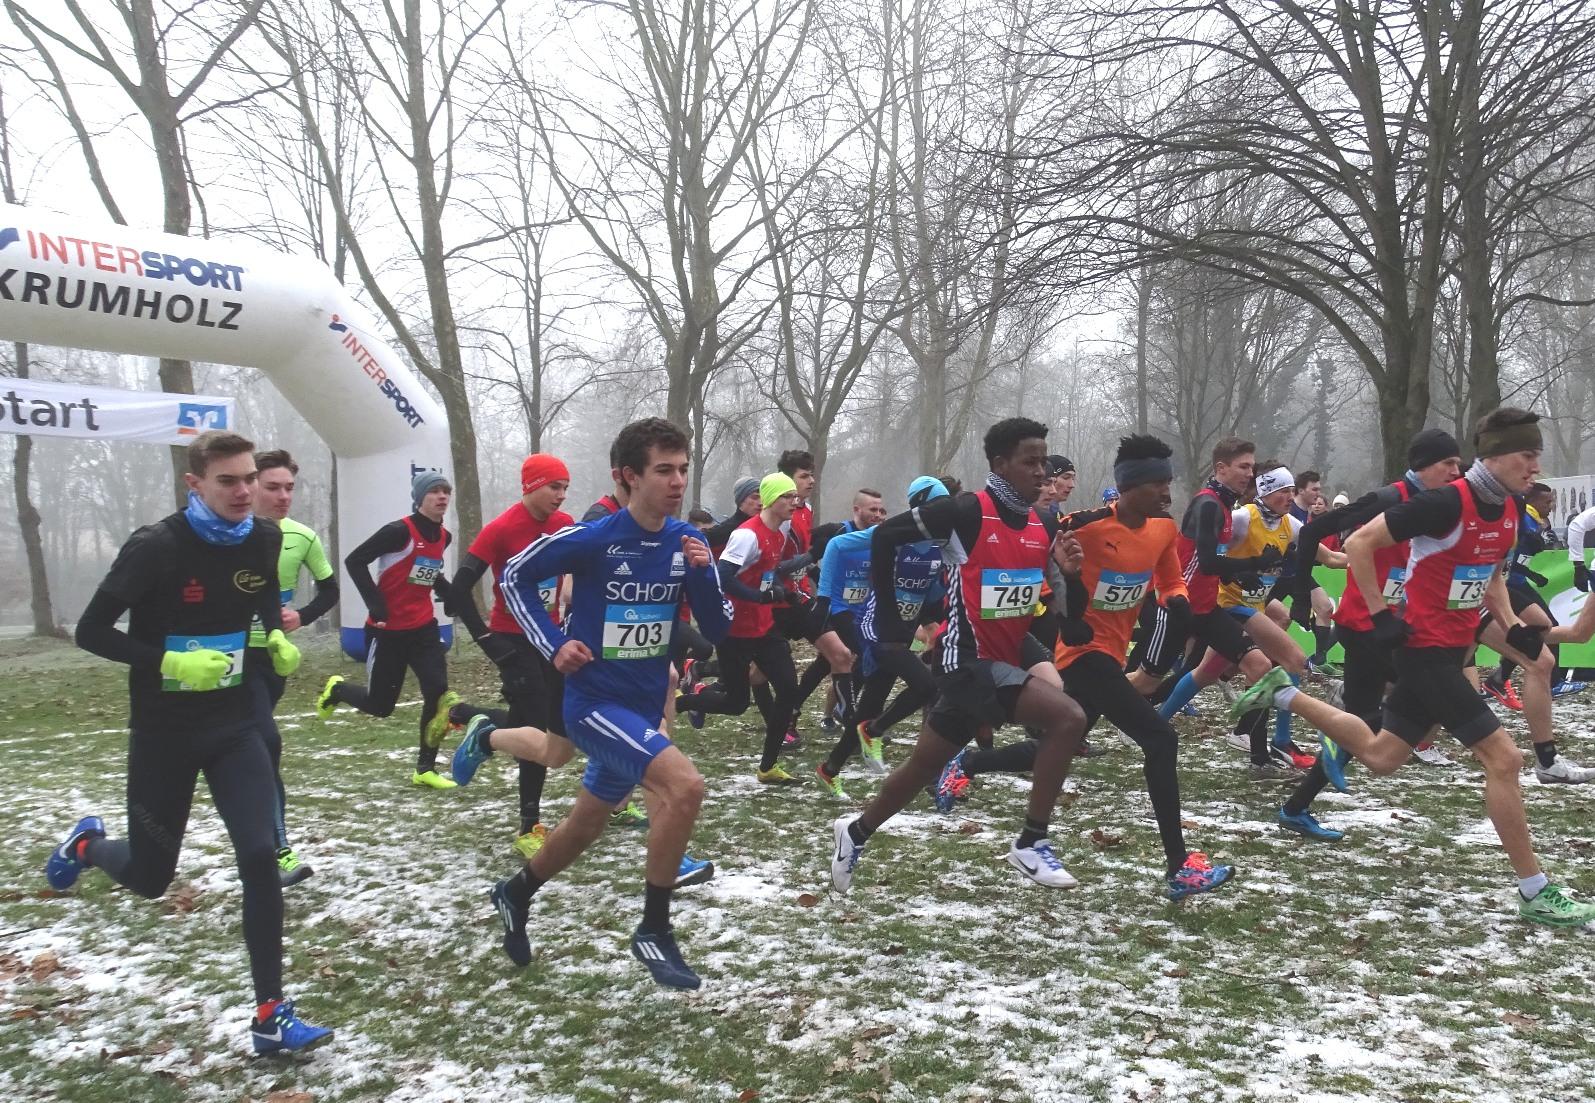 Kaderathleten erfolgreich im Crosslauf